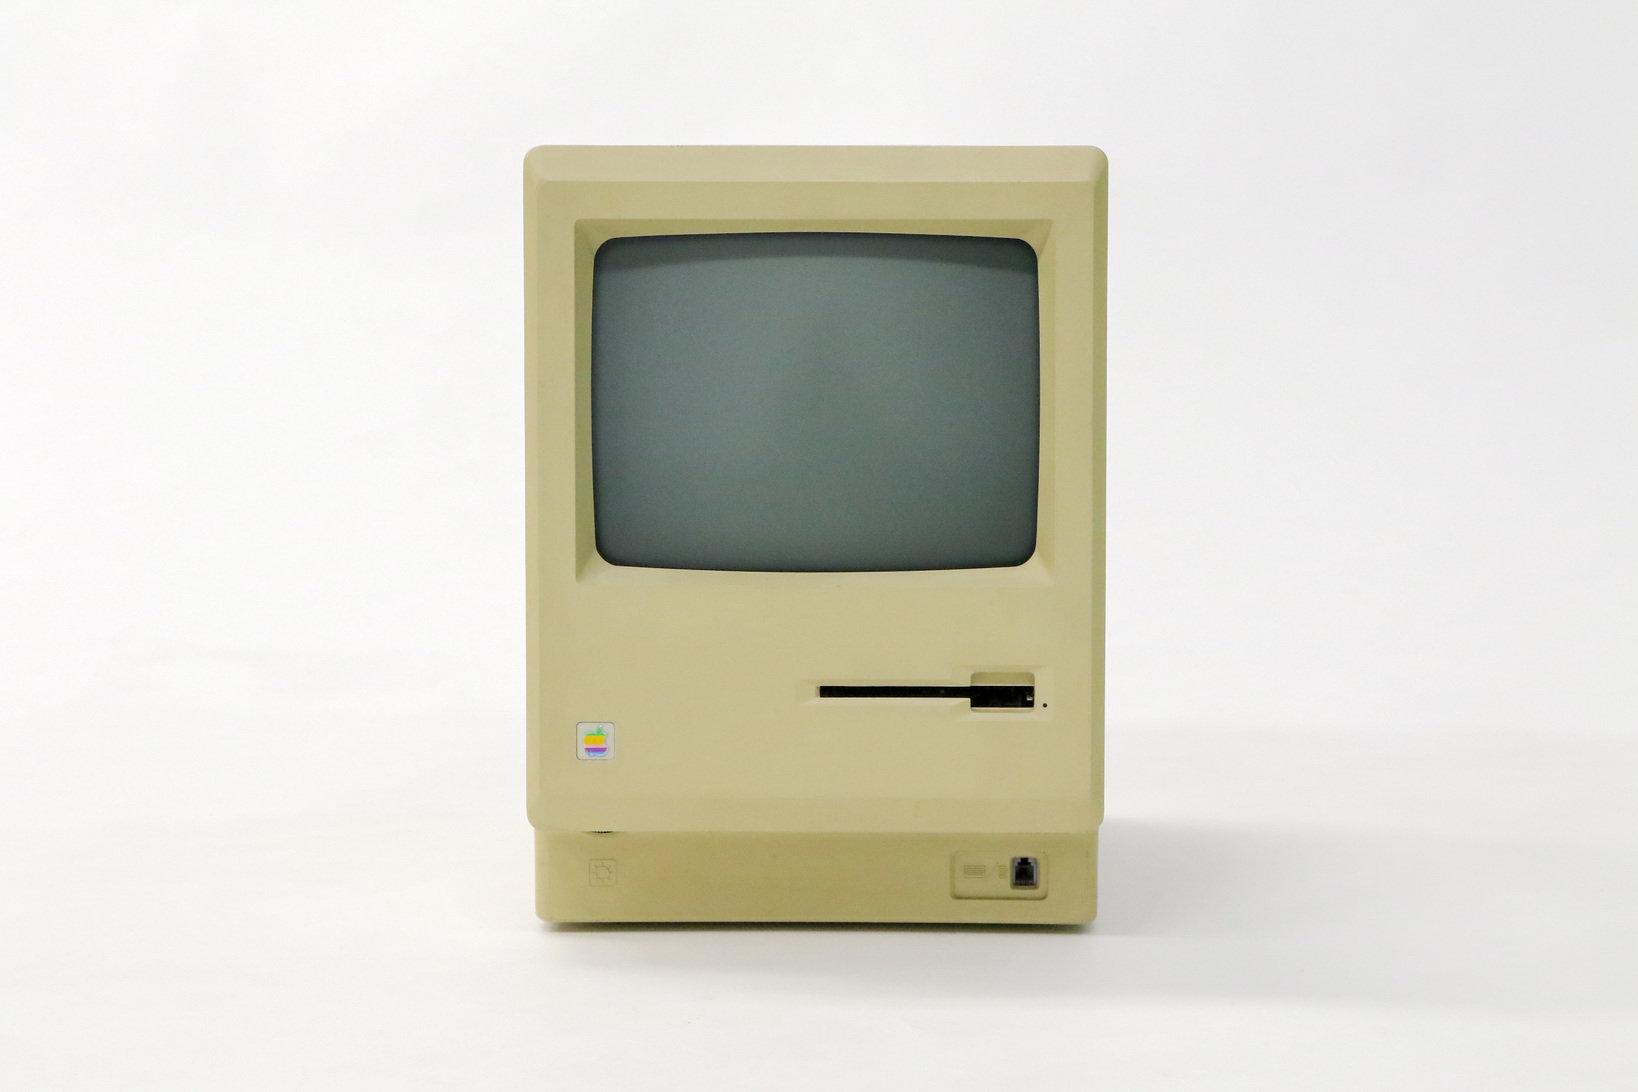 初代Macintoshはポストのような可愛らしいデザイン